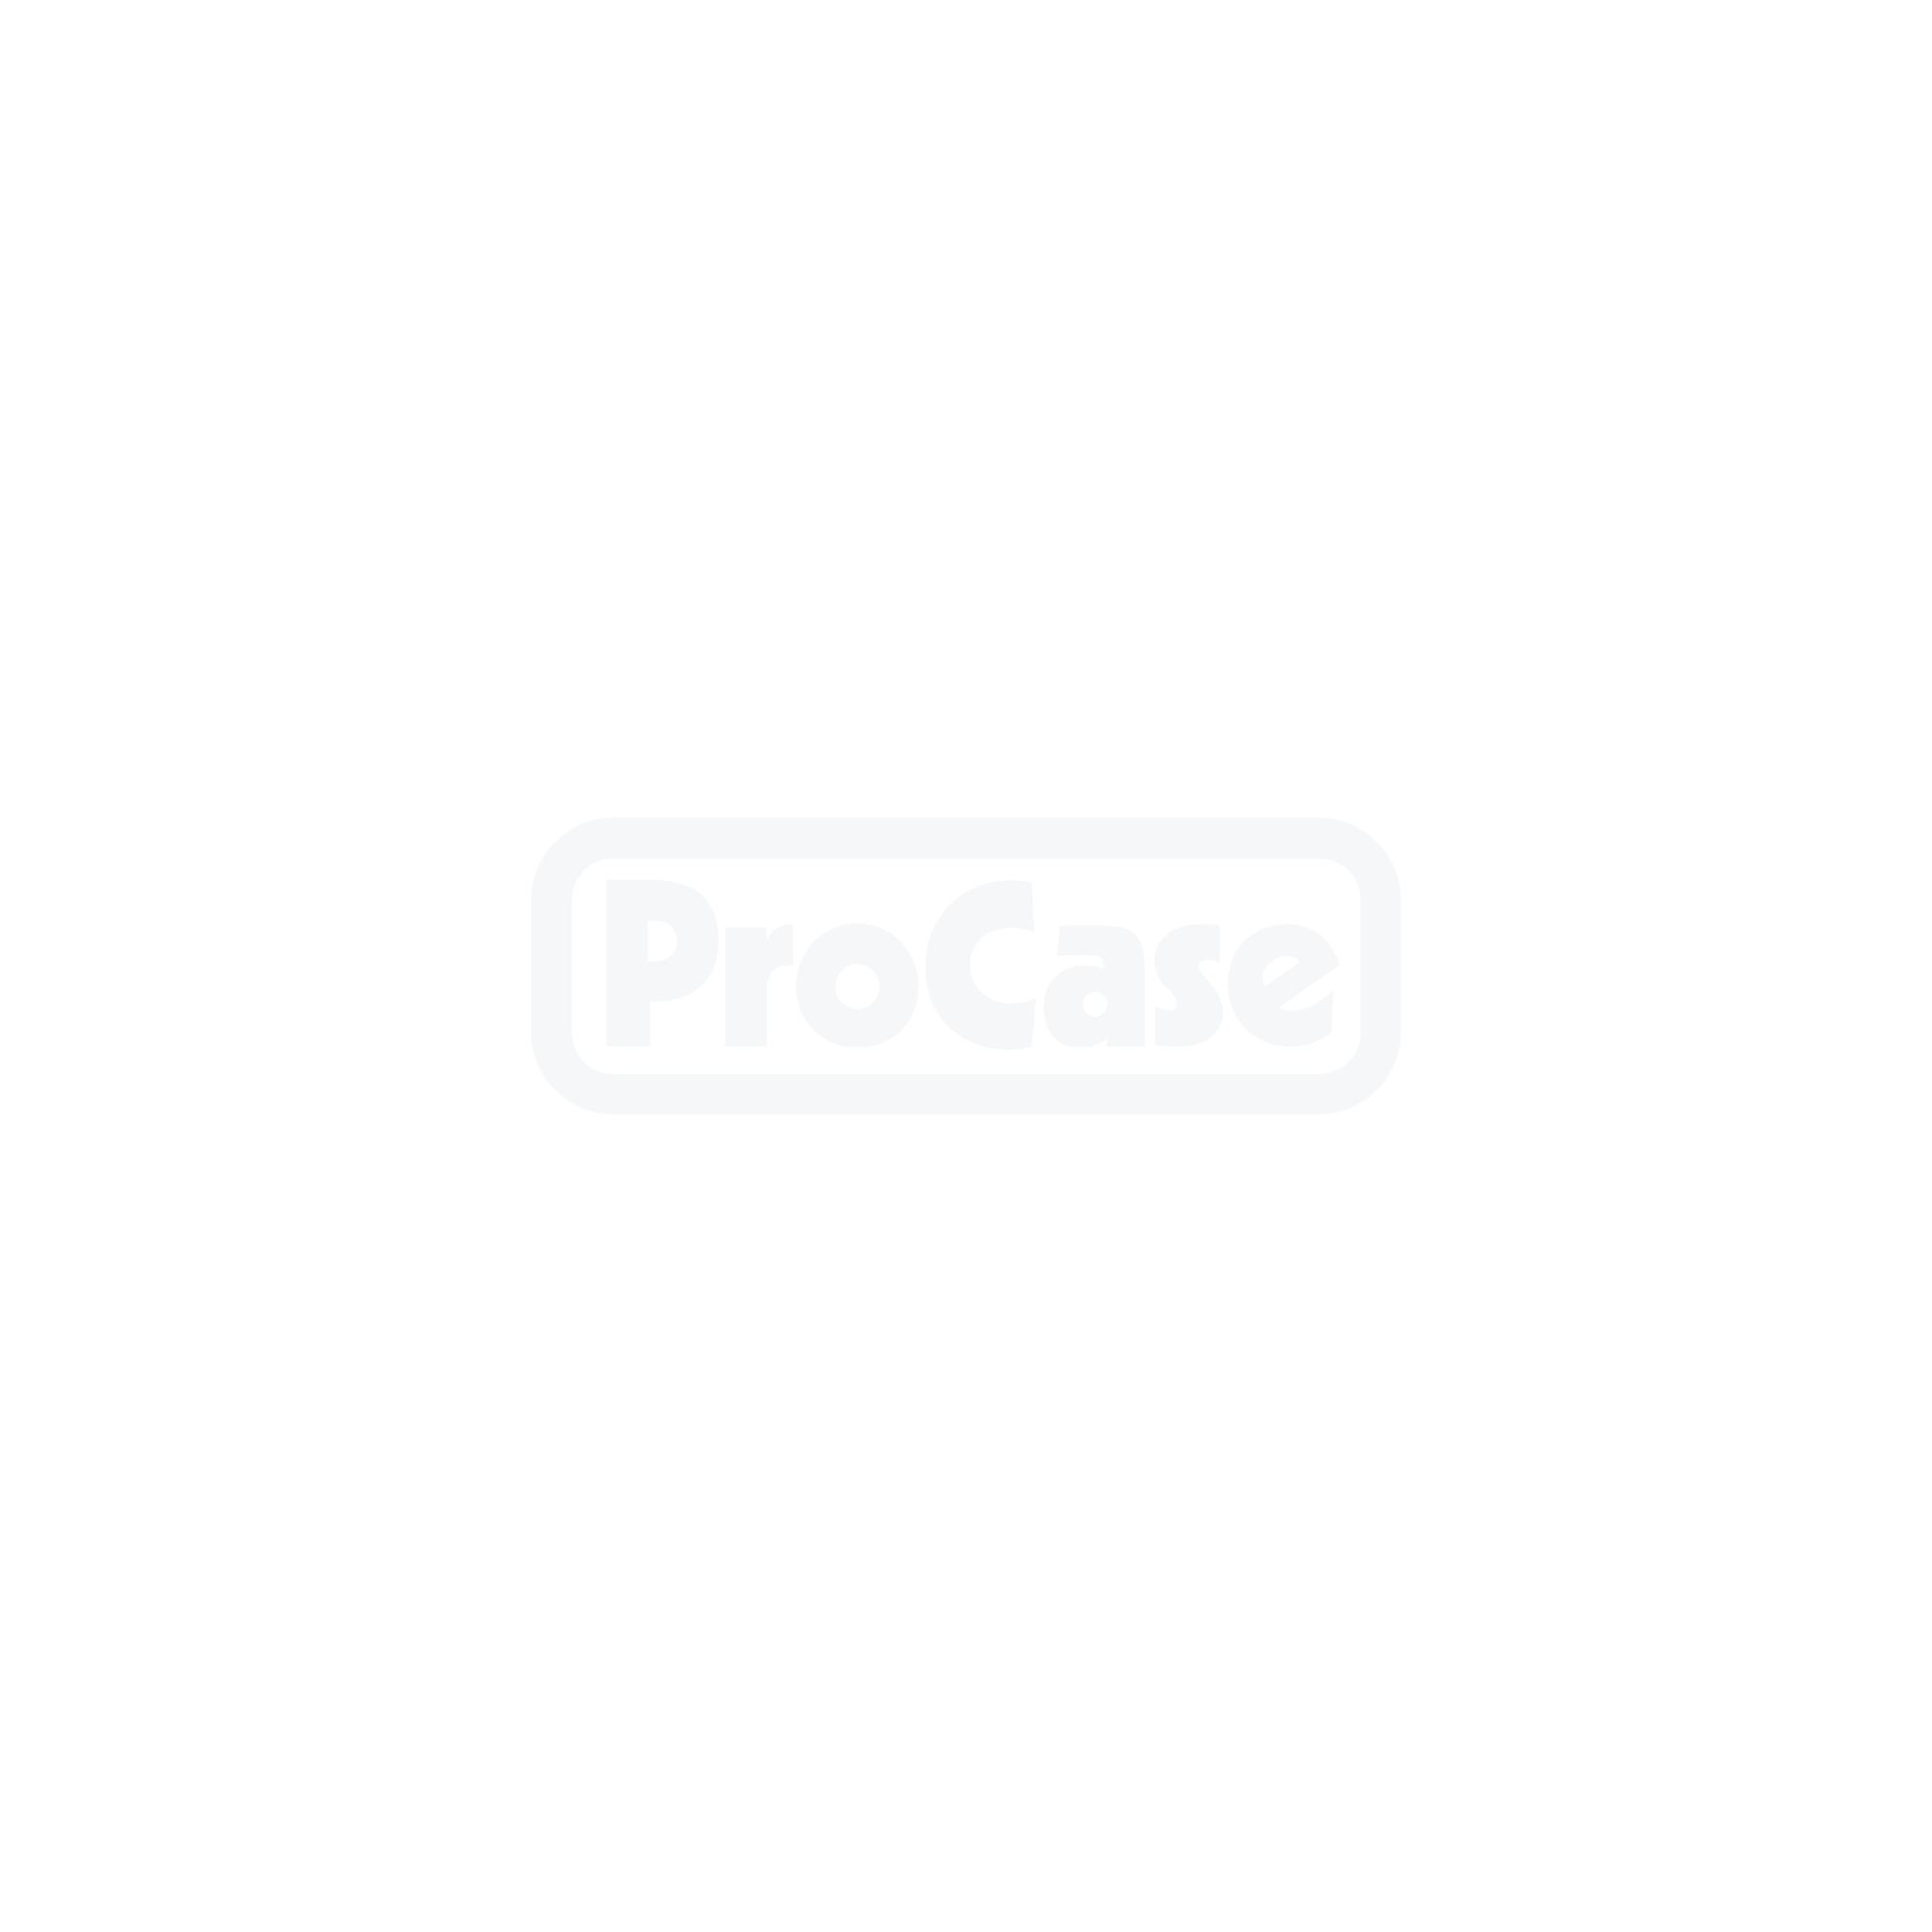 Flighcase für 4x d&b T10 Lautsprecher 3